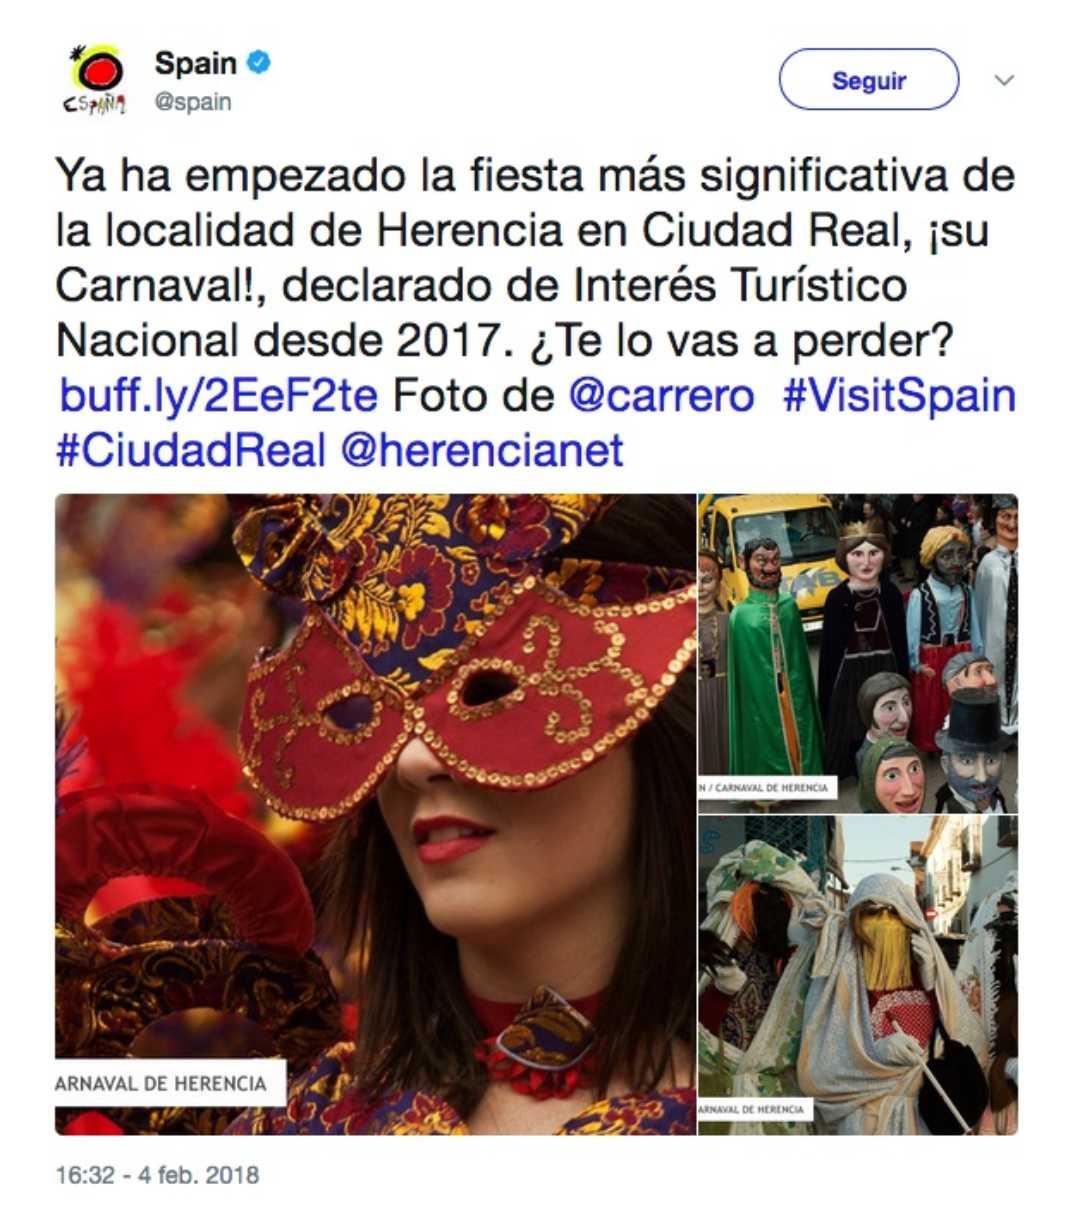 TUREspaña publica el Carnaval de Herencia en su Twitter 1